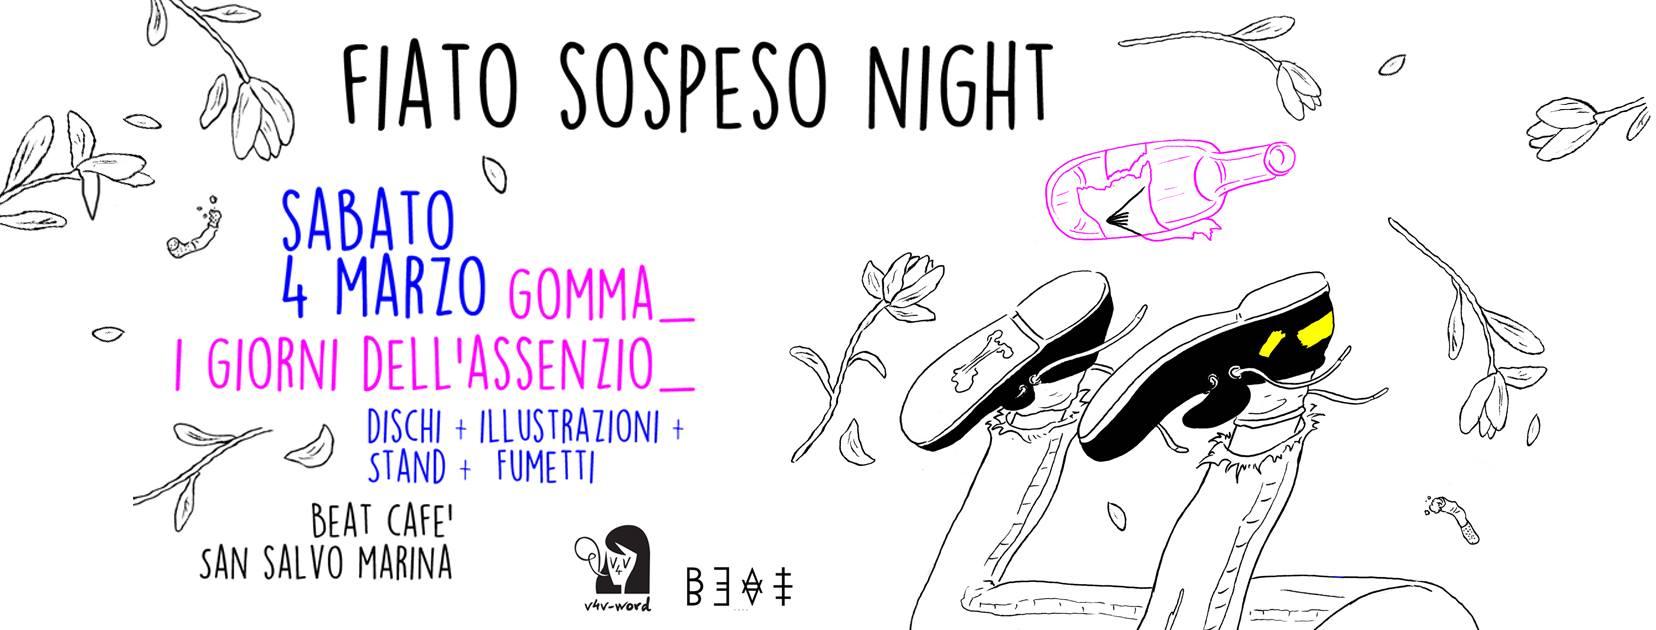 04.03.17 | Fiato Sospeso Night – GOMMA + I GIORNI DELL'ASSENZIO